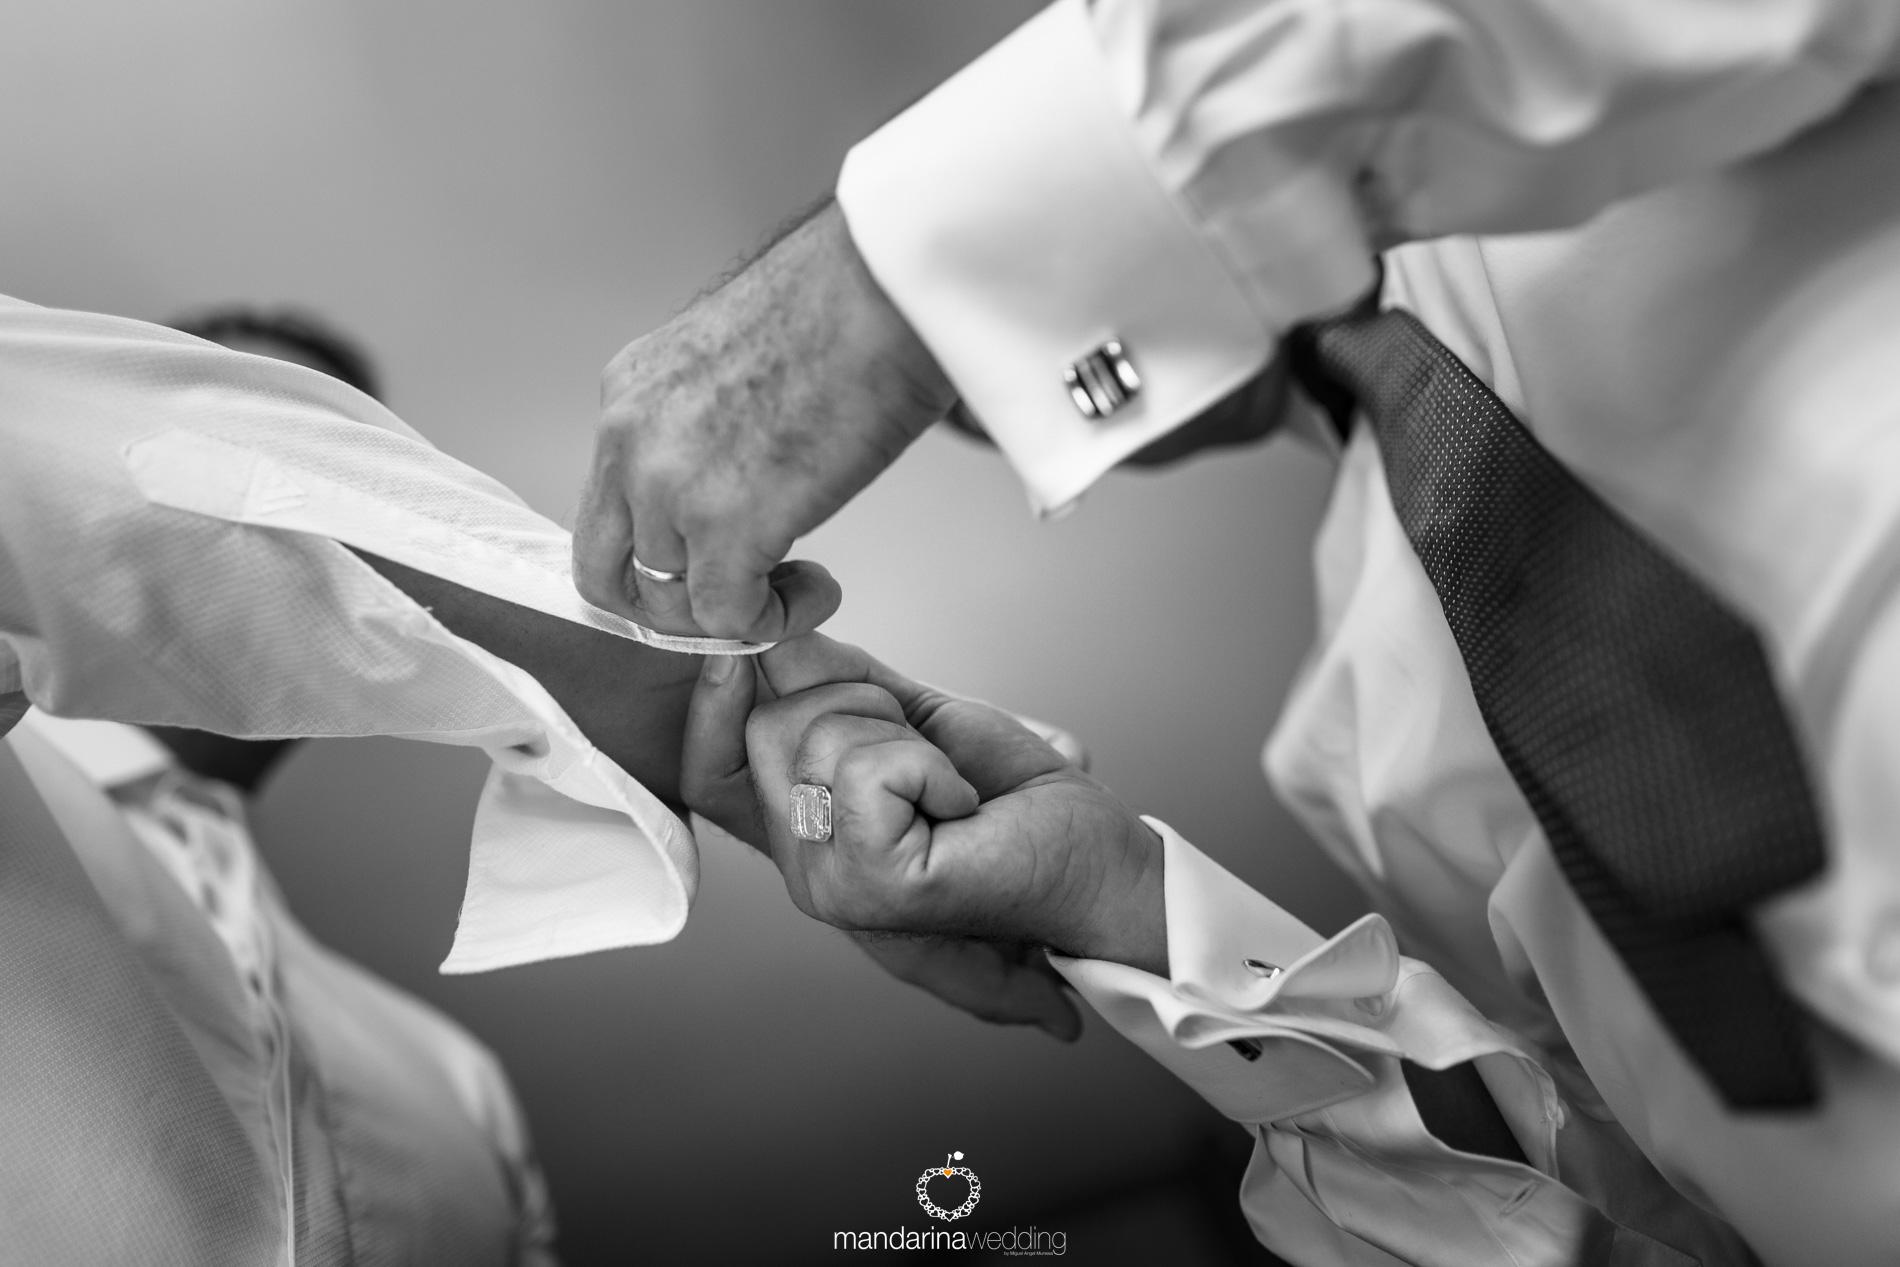 mandarina wedding, fotografo de boda, fotografo boda soria, fotografo boda barcelona, fotografo boda Madrid, fotografo boda lerida, fotografo boda Huesca, fotografo de destino_013